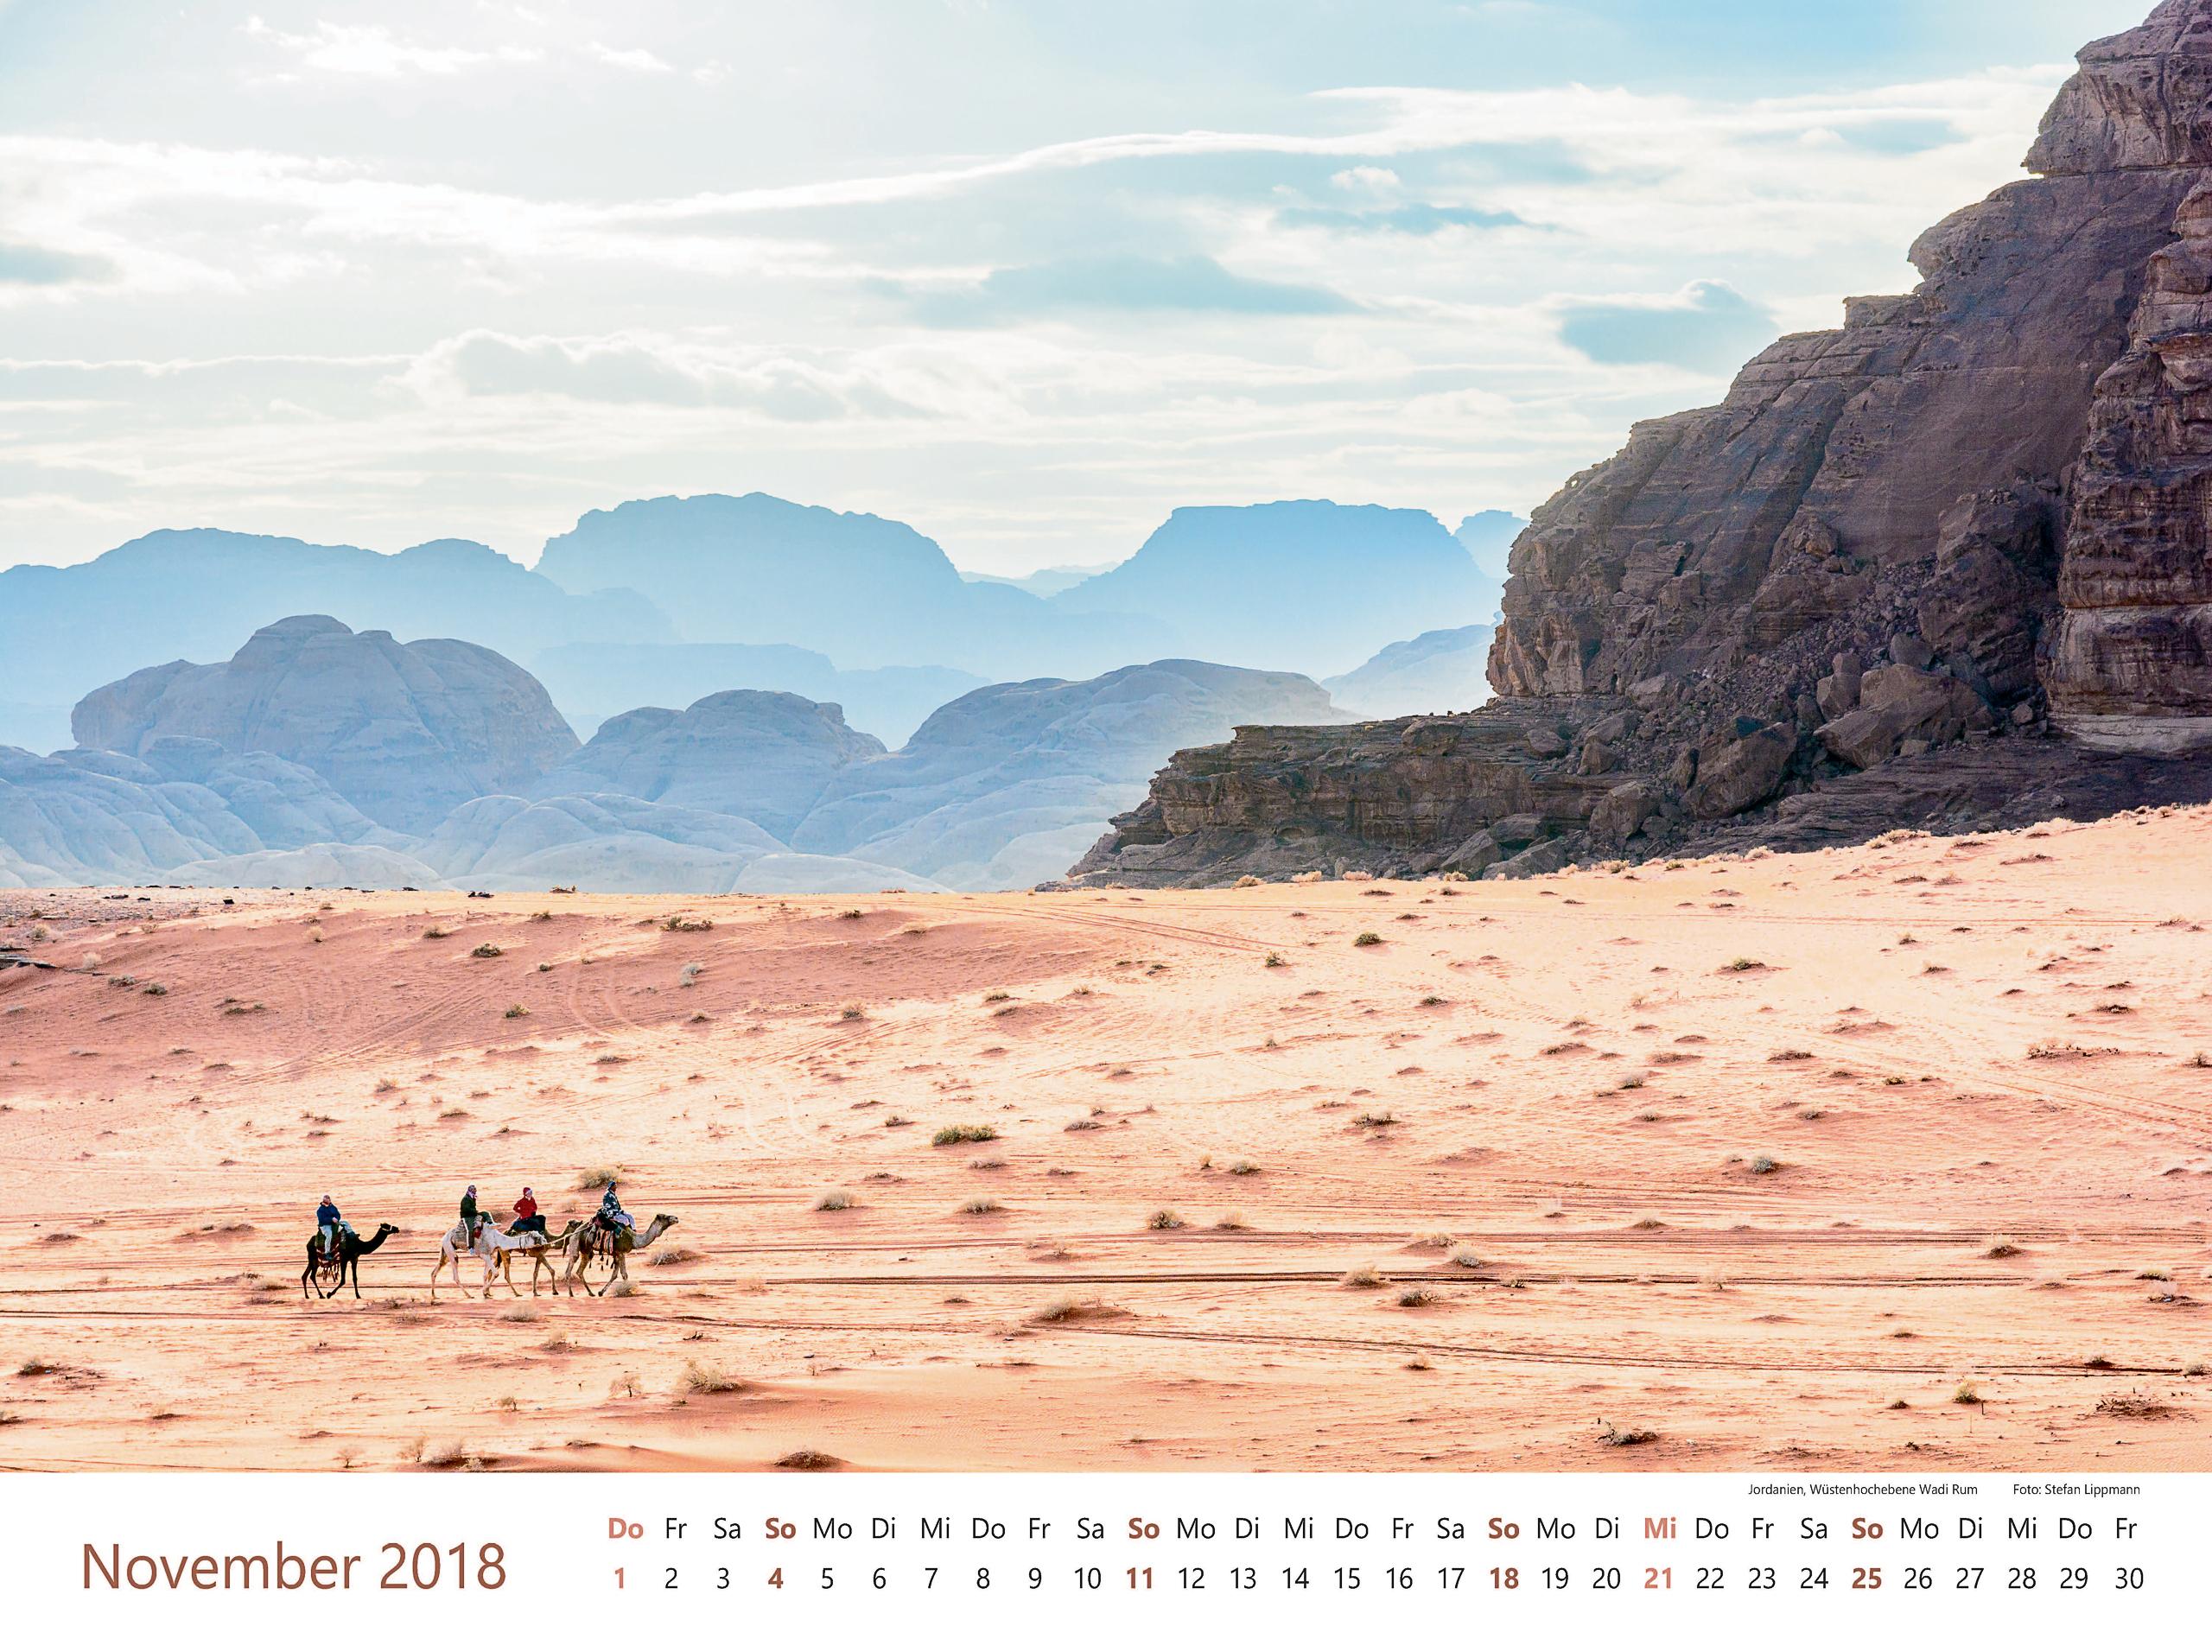 Jordanien, Wüstenhochebene Wadi Rum